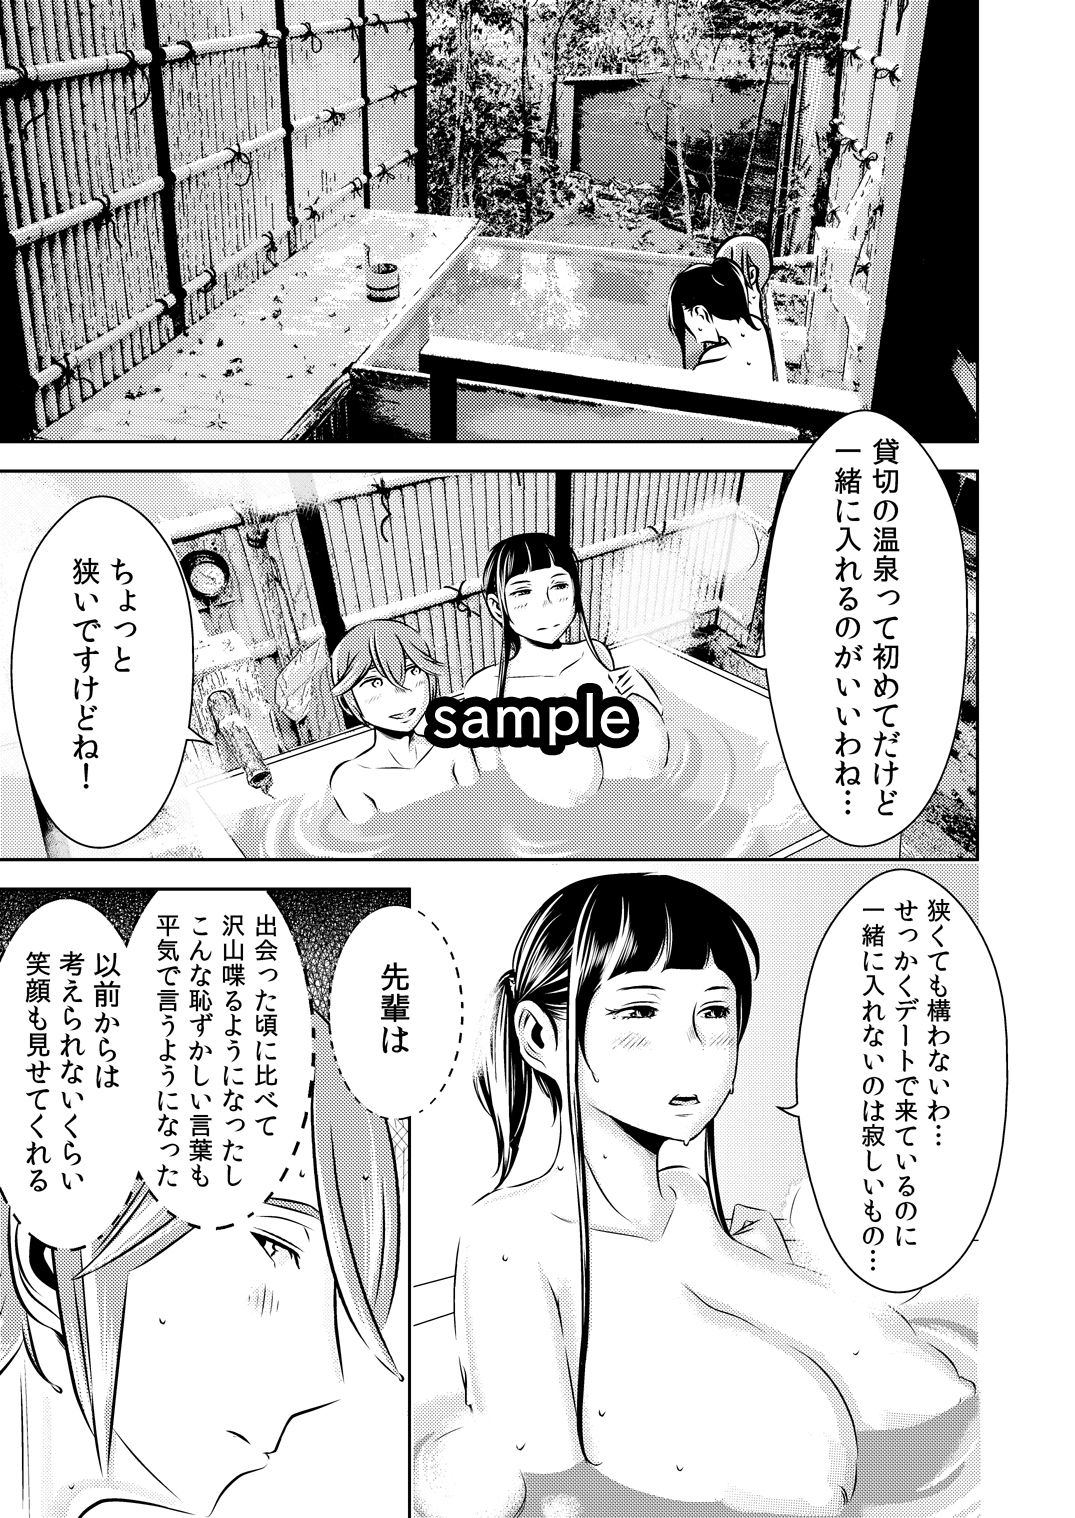 【ショタ パイズリ】ショタ痴女女の子のパイズリ4P3P無表情逆レイプフェラの同人エロ漫画。